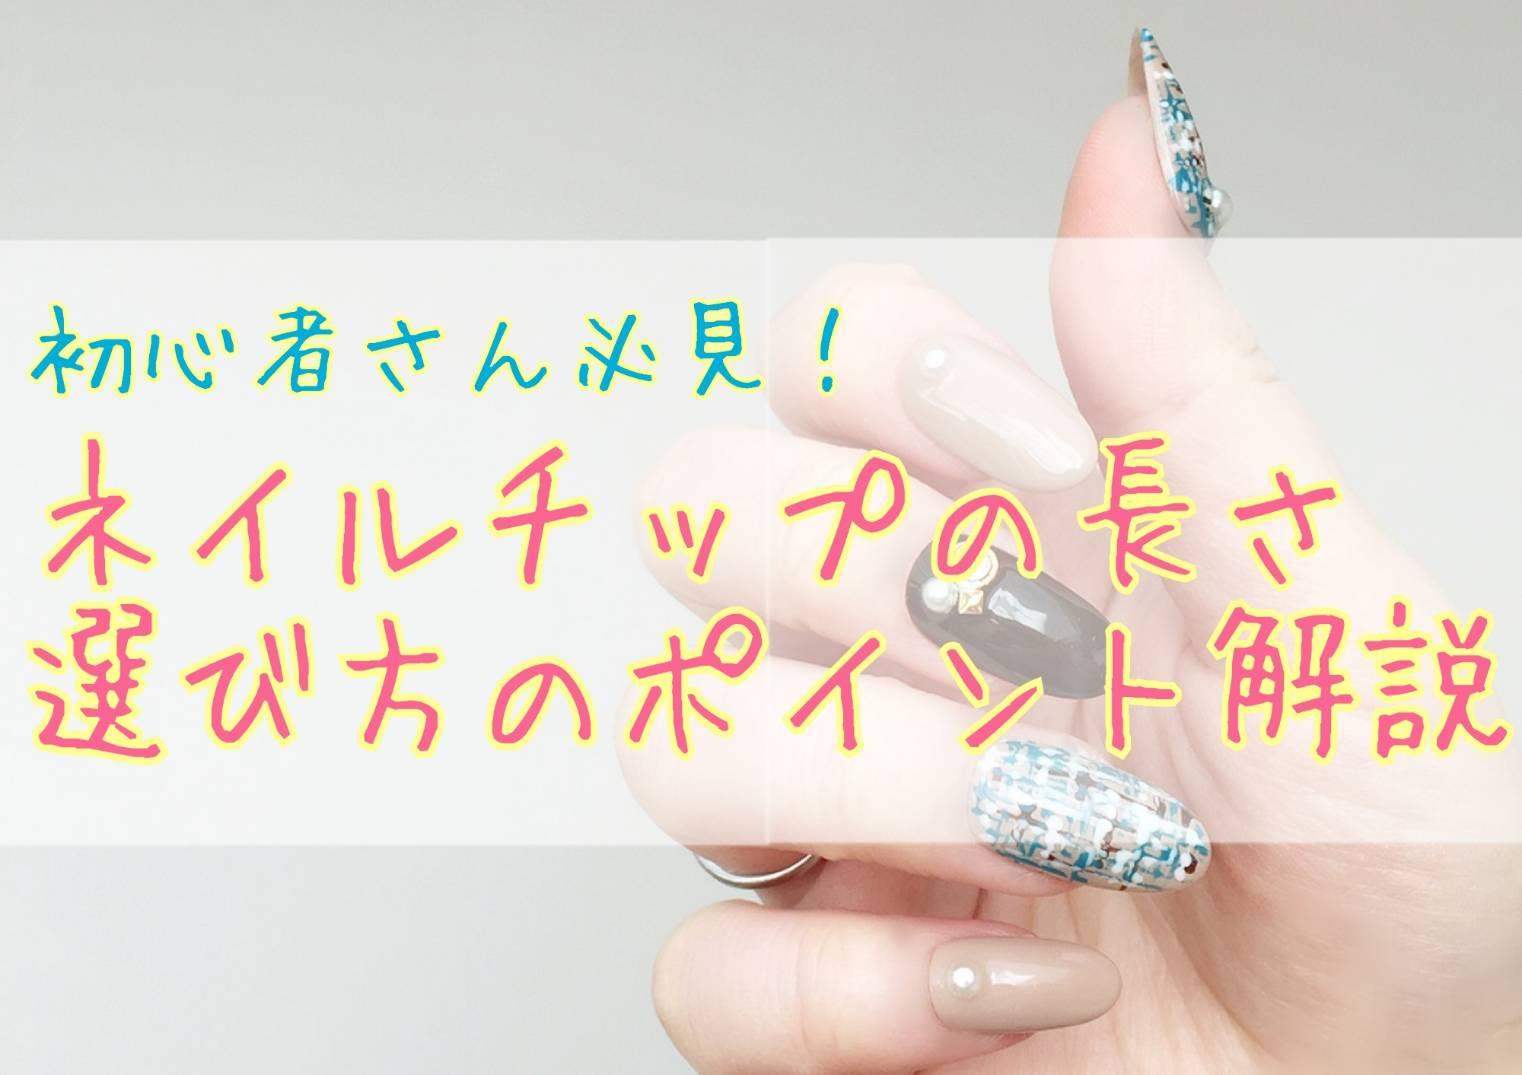 ネイルチップ(付け爪)初心者さん必見!チップの長さ、選び方のポイントは?